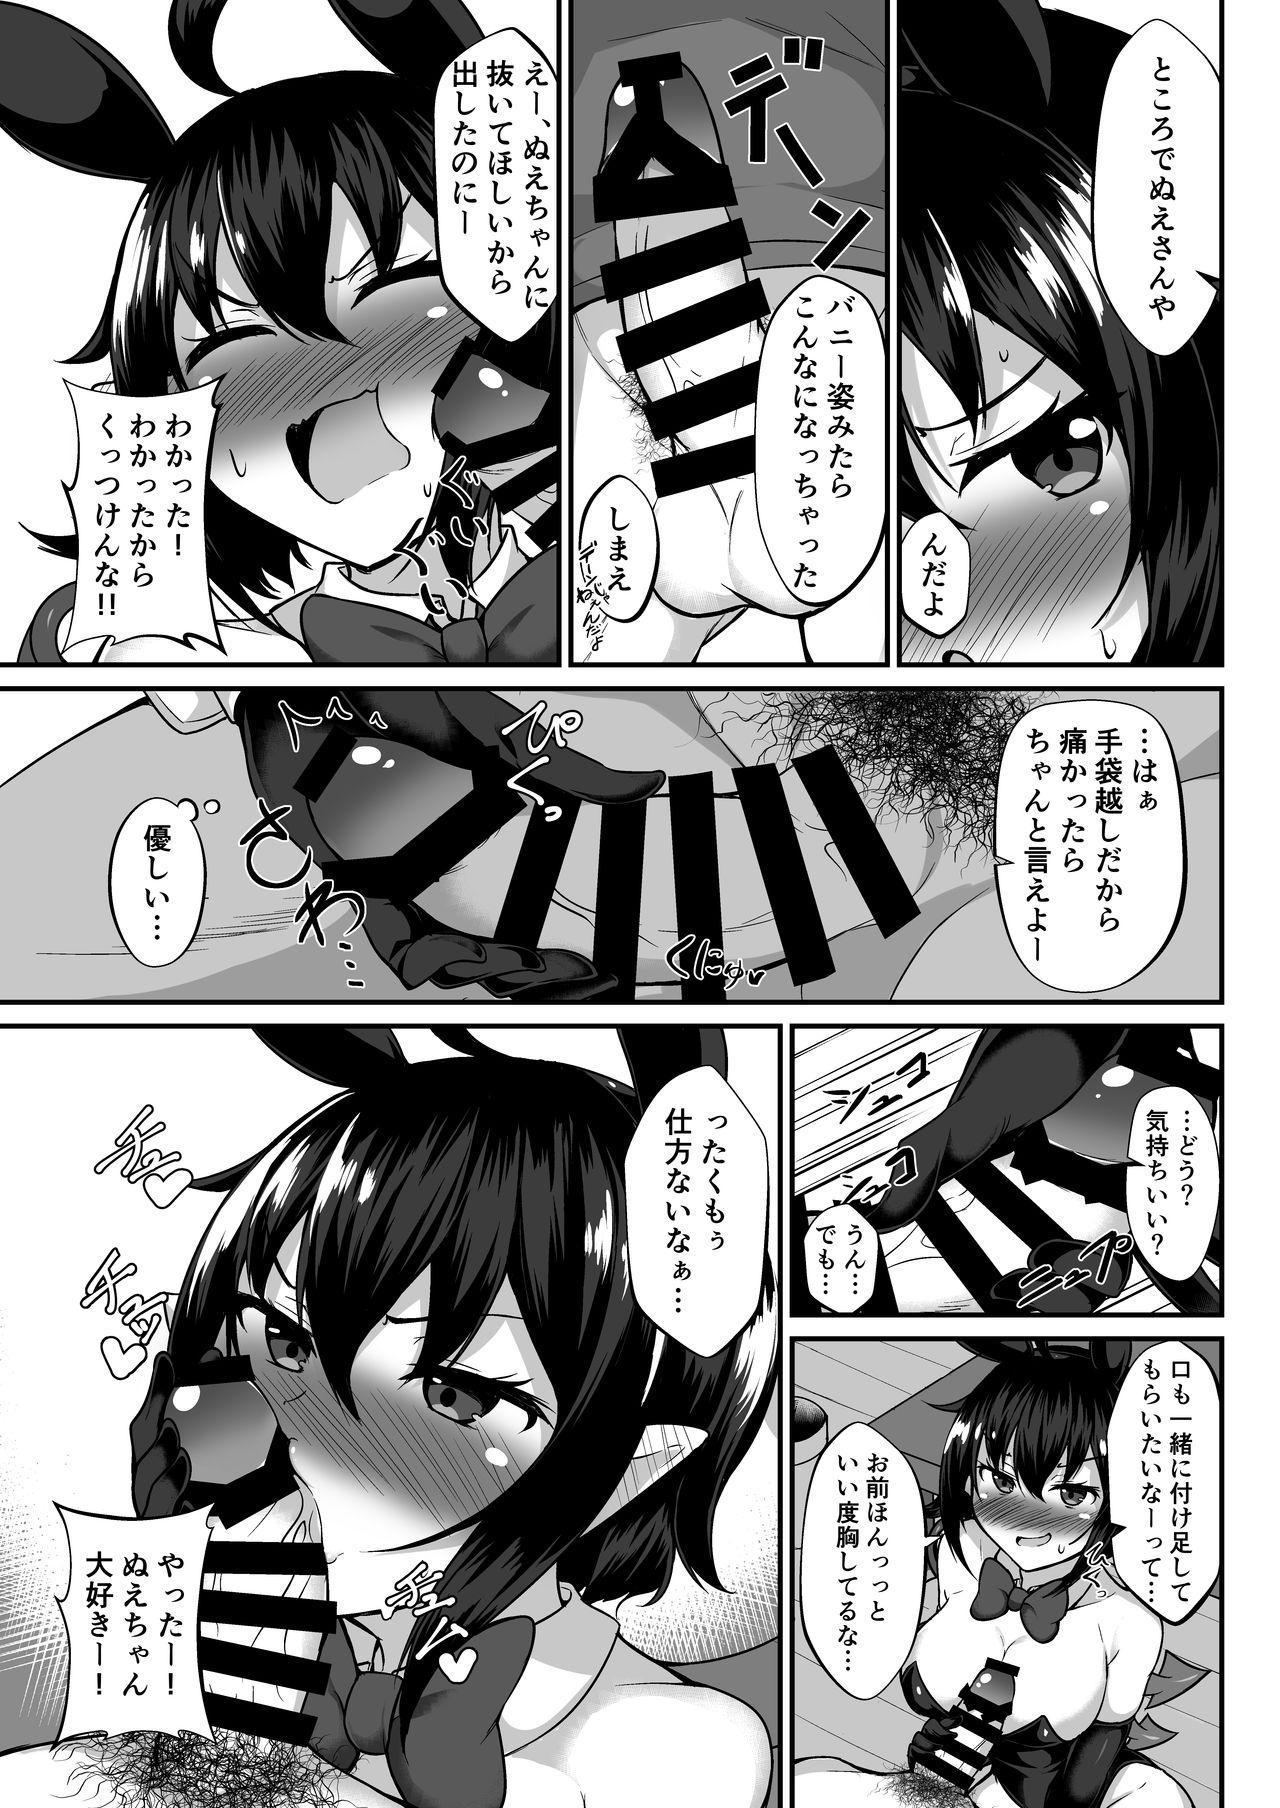 Daiyoukai wa Choro Kawaii! 8